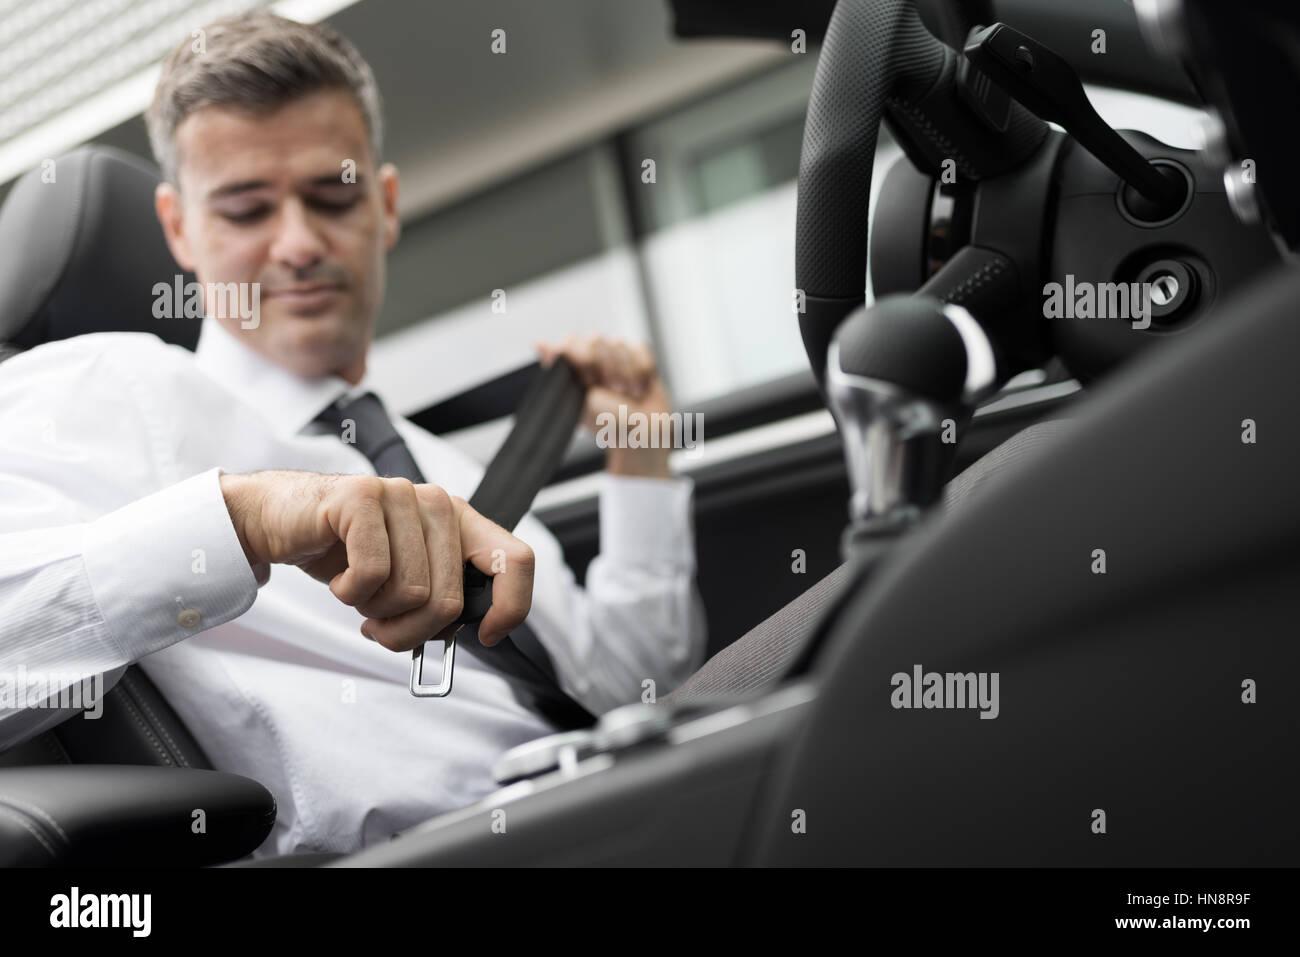 Imprenditore della sua vettura il fissaggio della cintura di sicurezza, guida sicura di concetto Immagini Stock